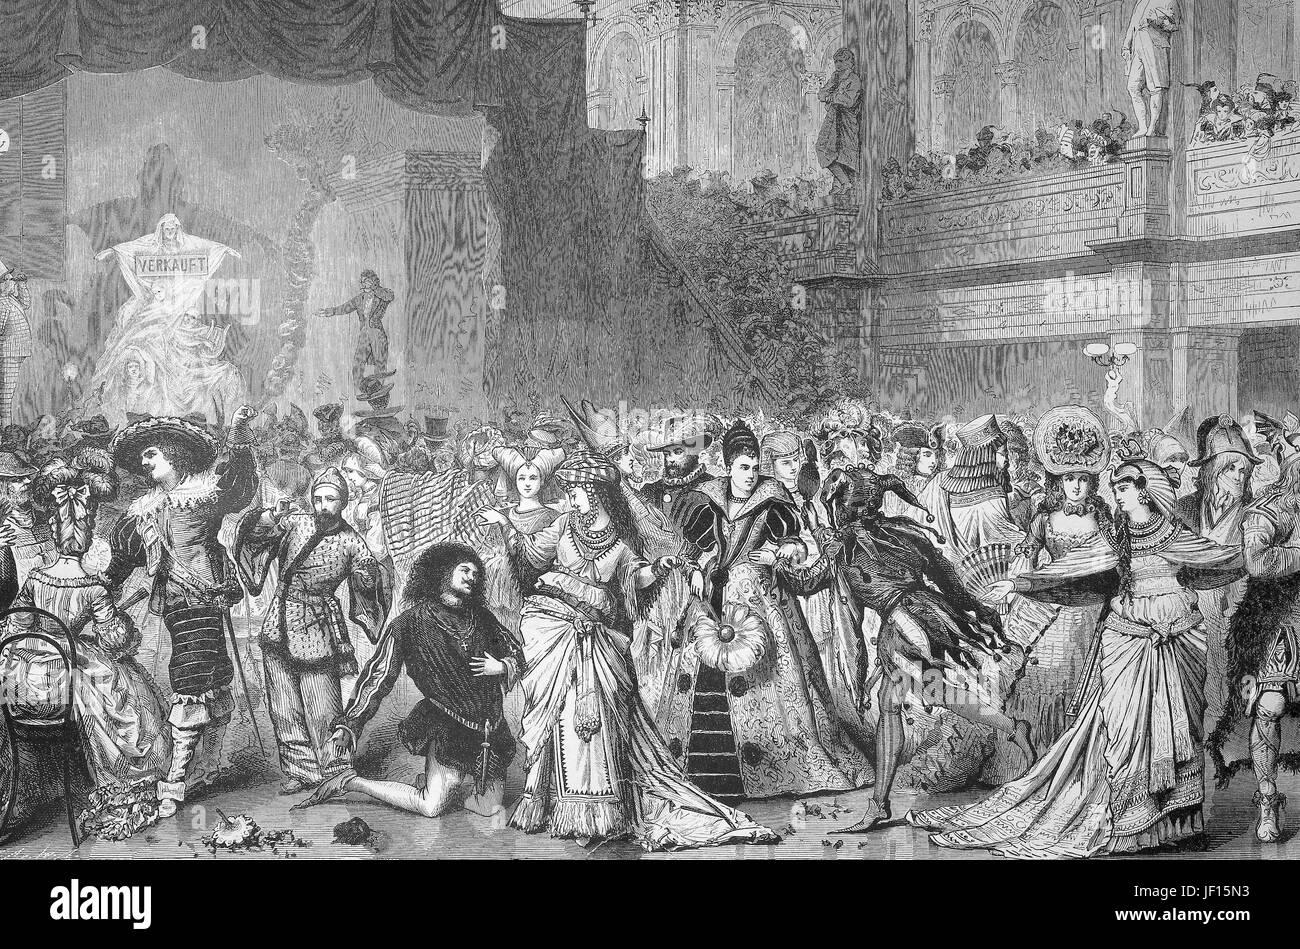 Historische Abbildung der Kostümfest oder fancy dress Party der ...